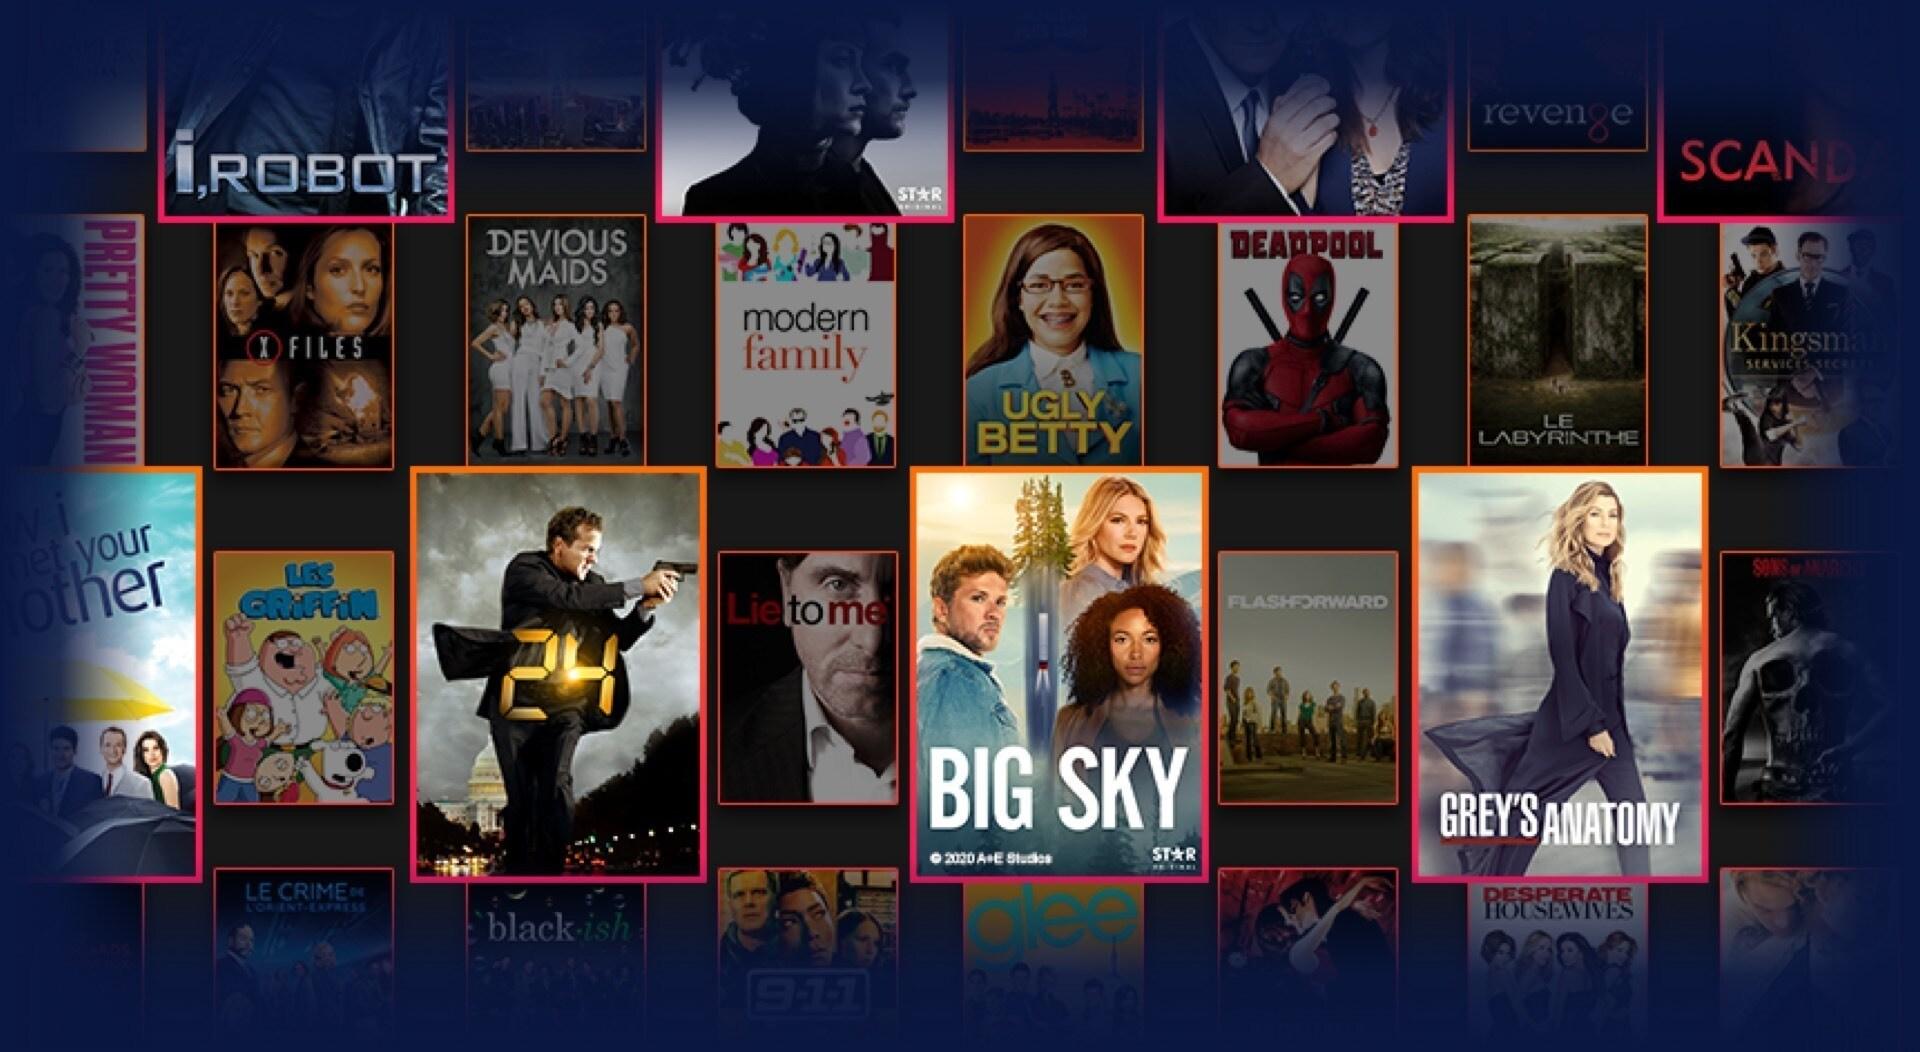 Logos et visuels d'une large sélection de titres Star disponibles sur Disney+.